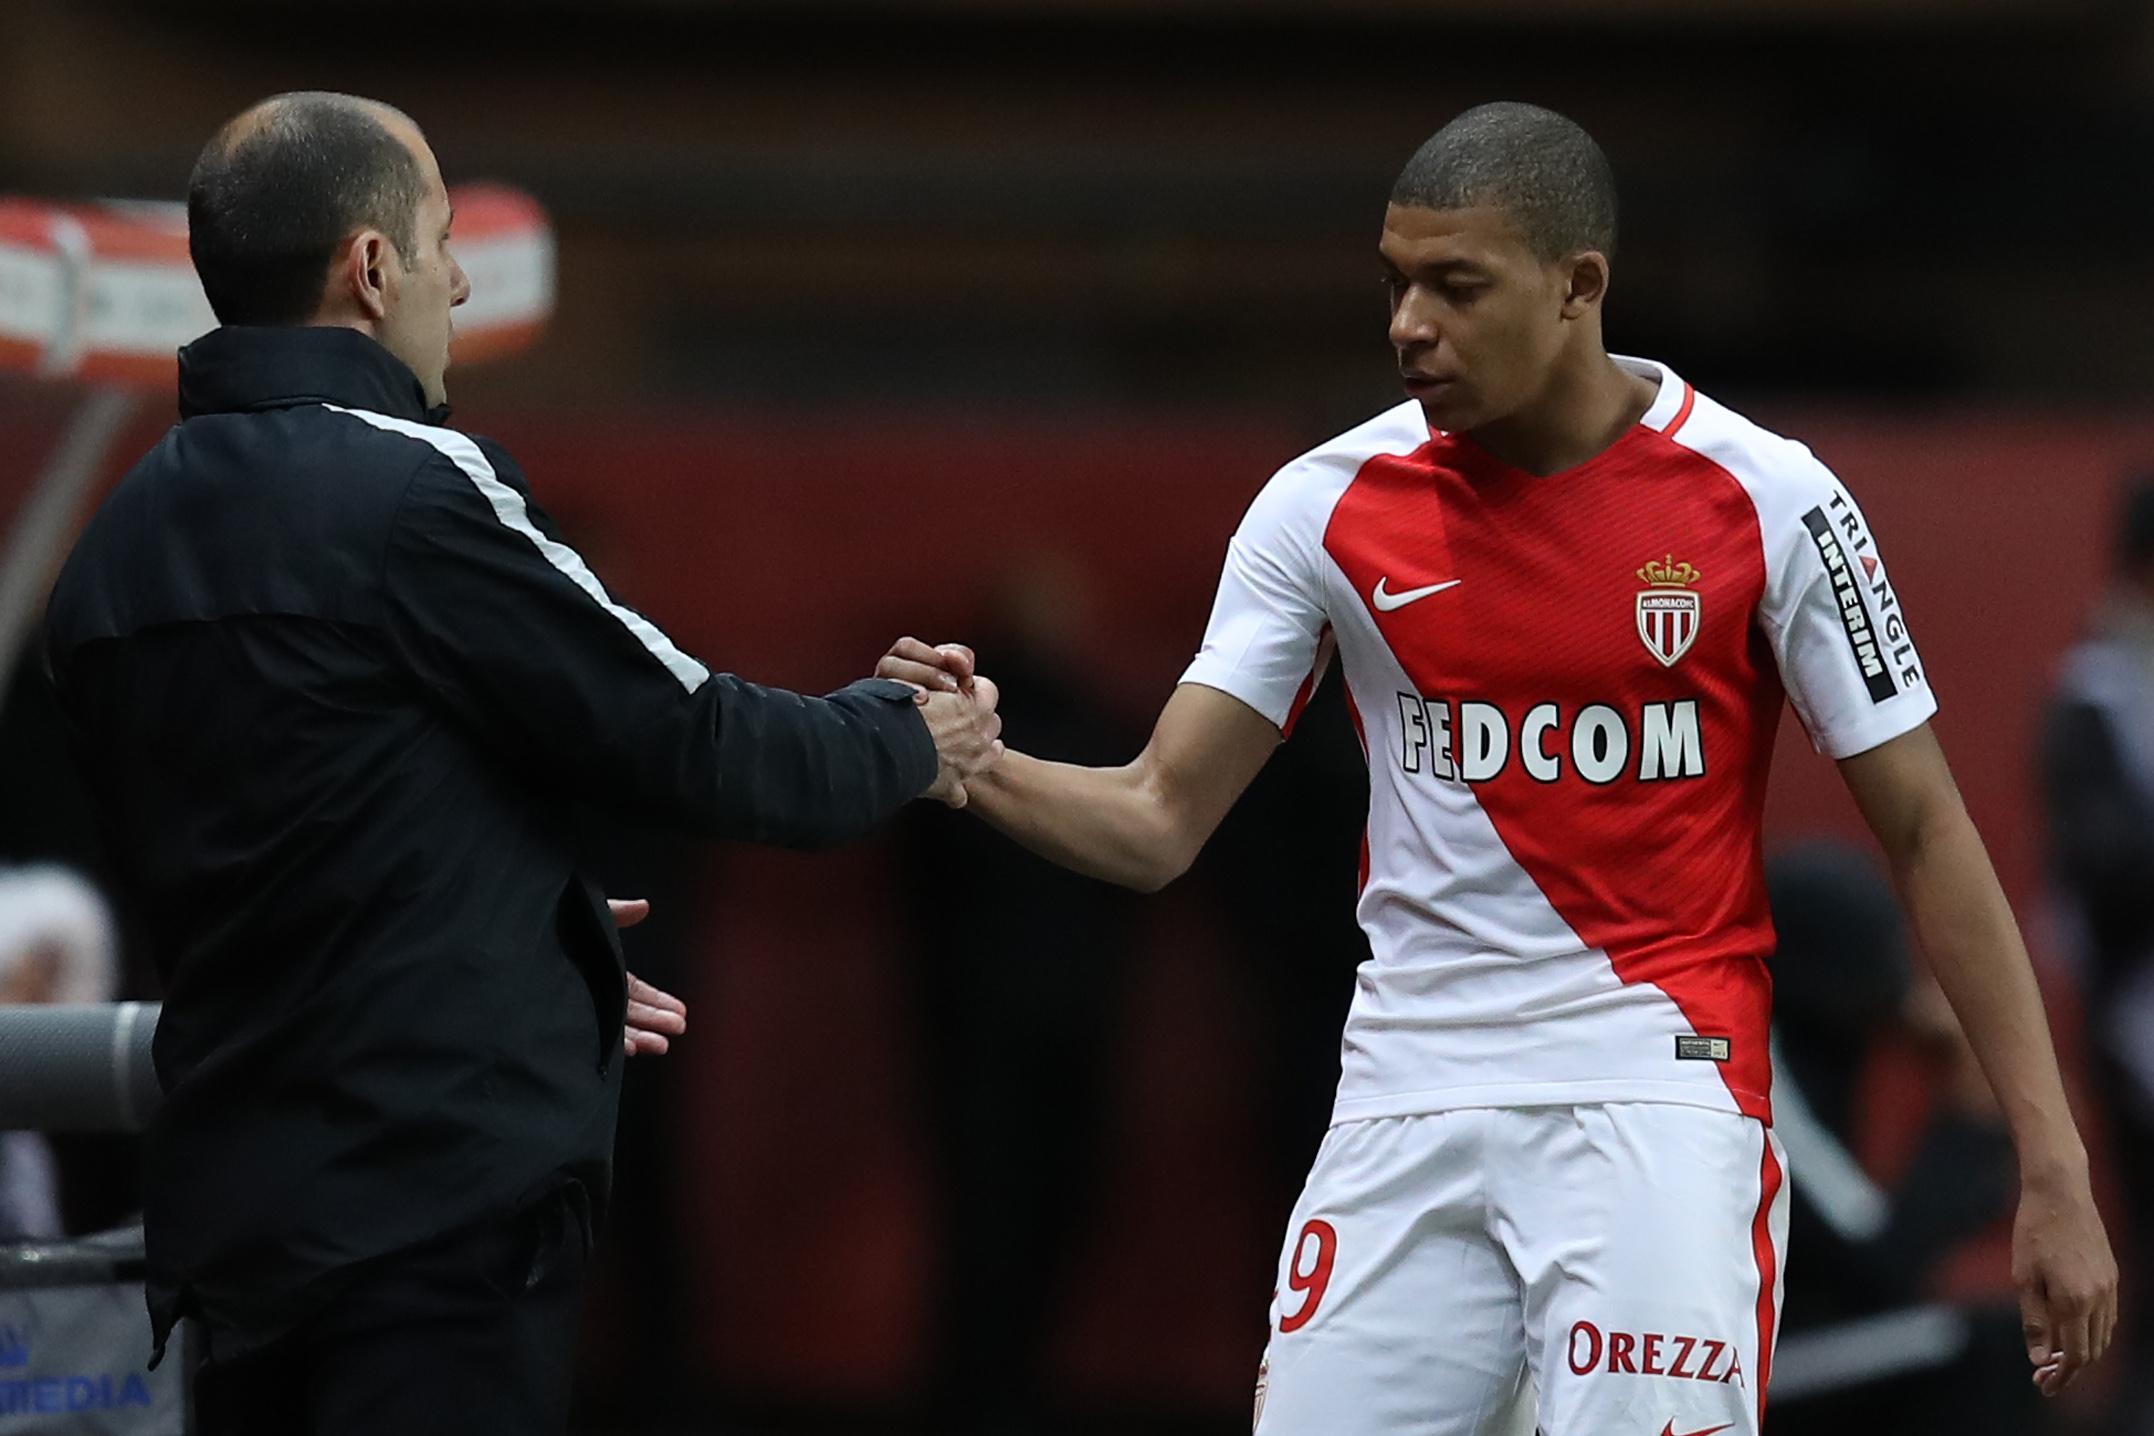 Mbappe scored 15 goals in Ligue 1 last season